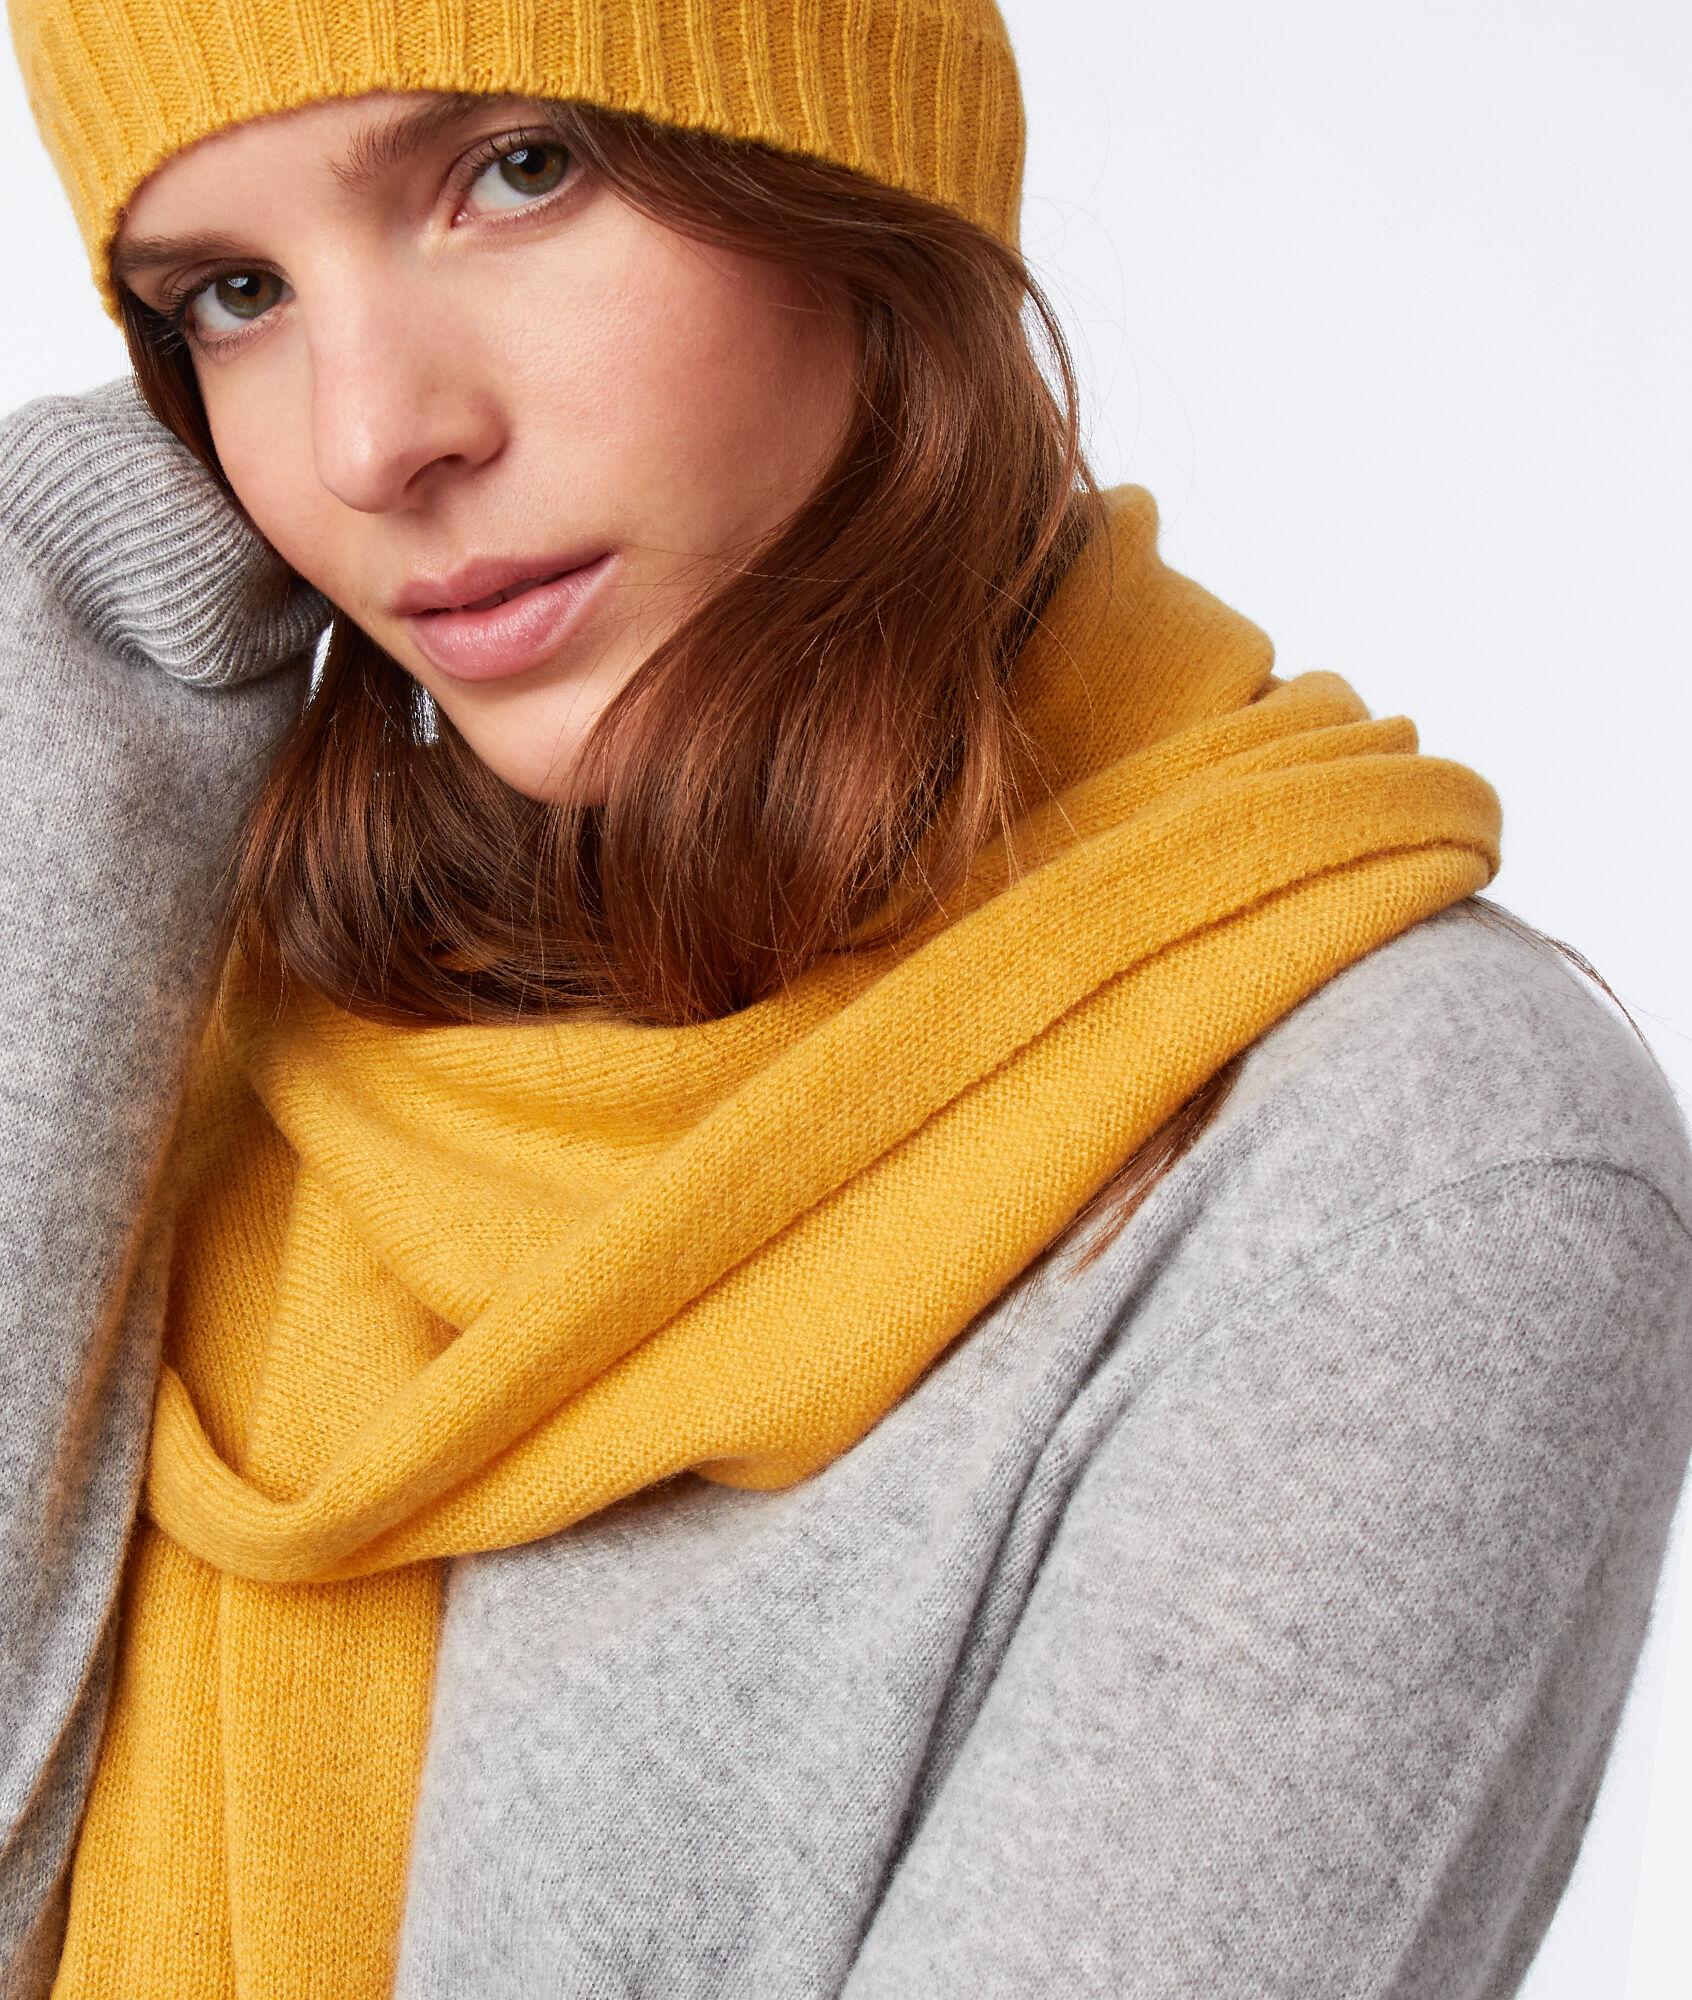 Ensemble bonnet   écharpe 100% cachemire - VENUS - JAUNE - Etam f51ca82120f